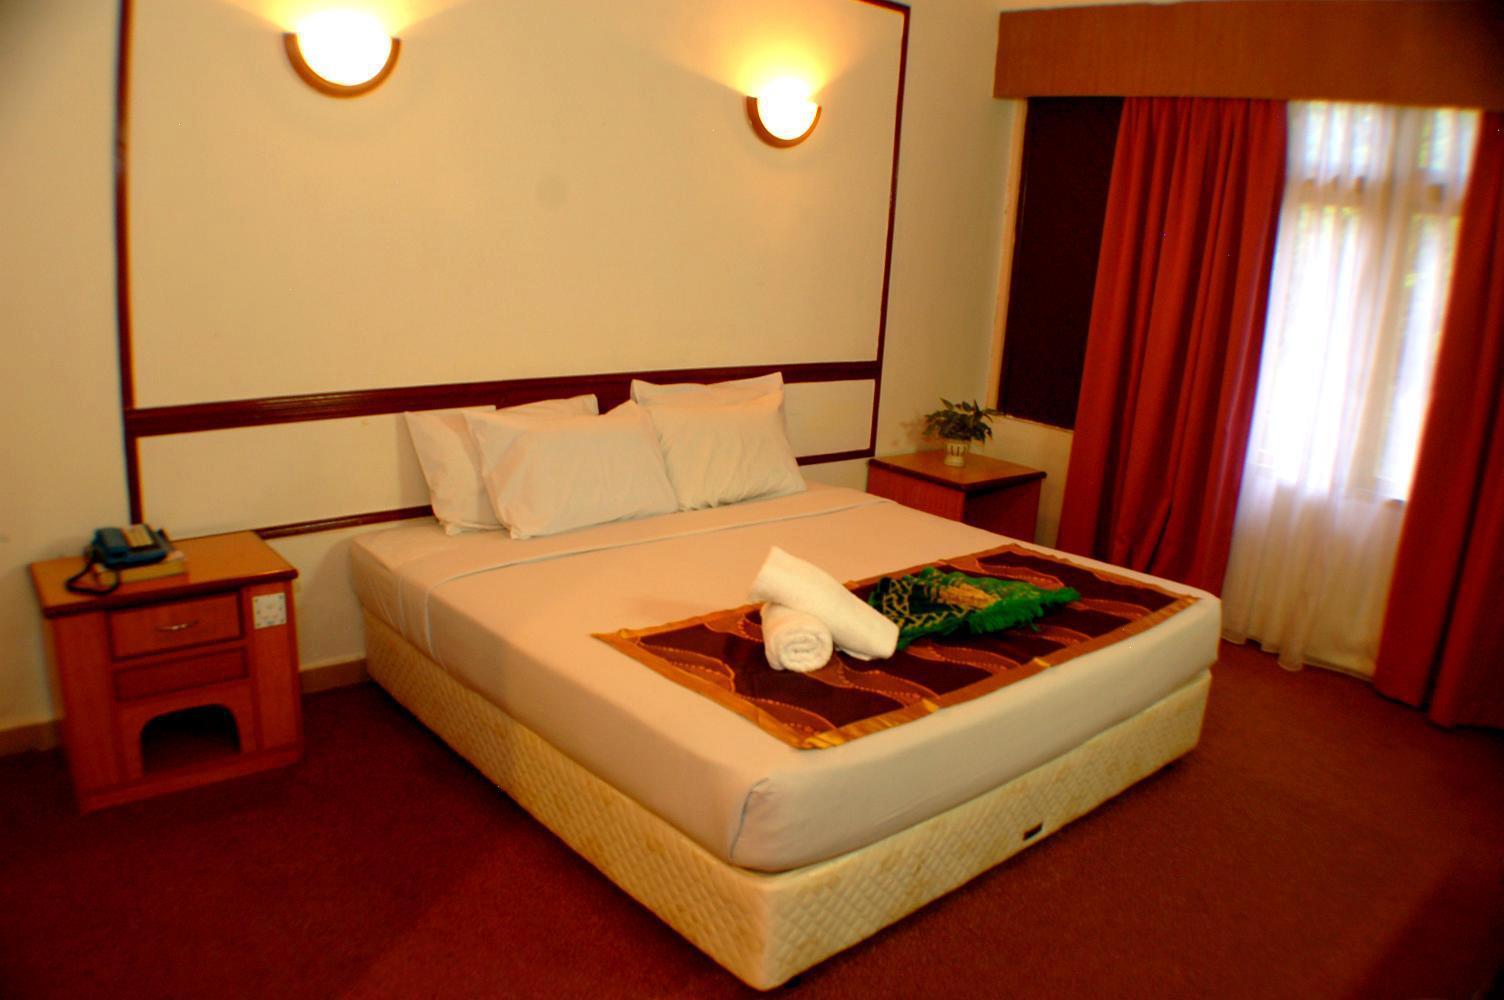 Ayer Keroh Country Resort, Kota Melaka